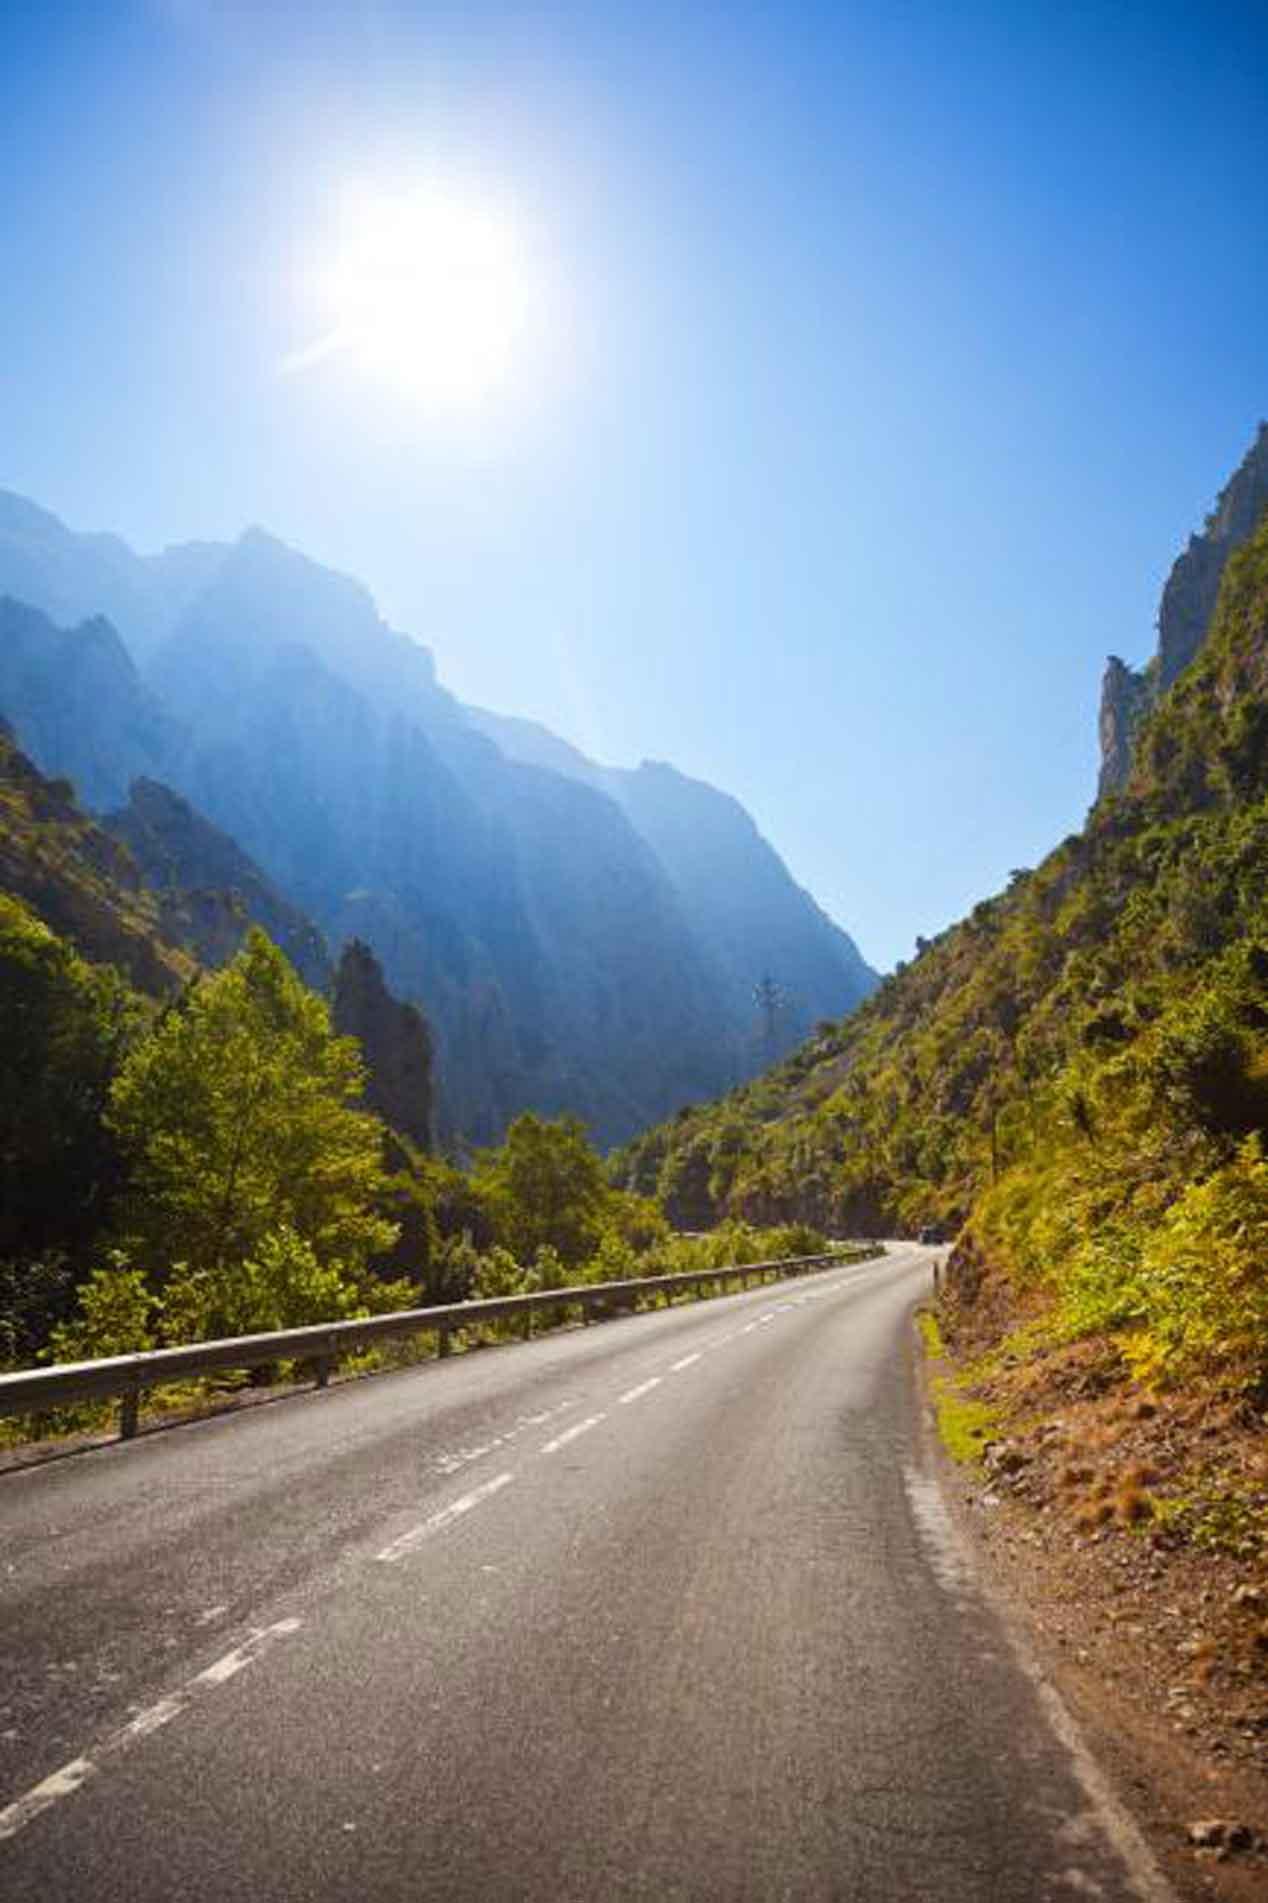 Un recorrido por las carreteras más increíbles del mundo